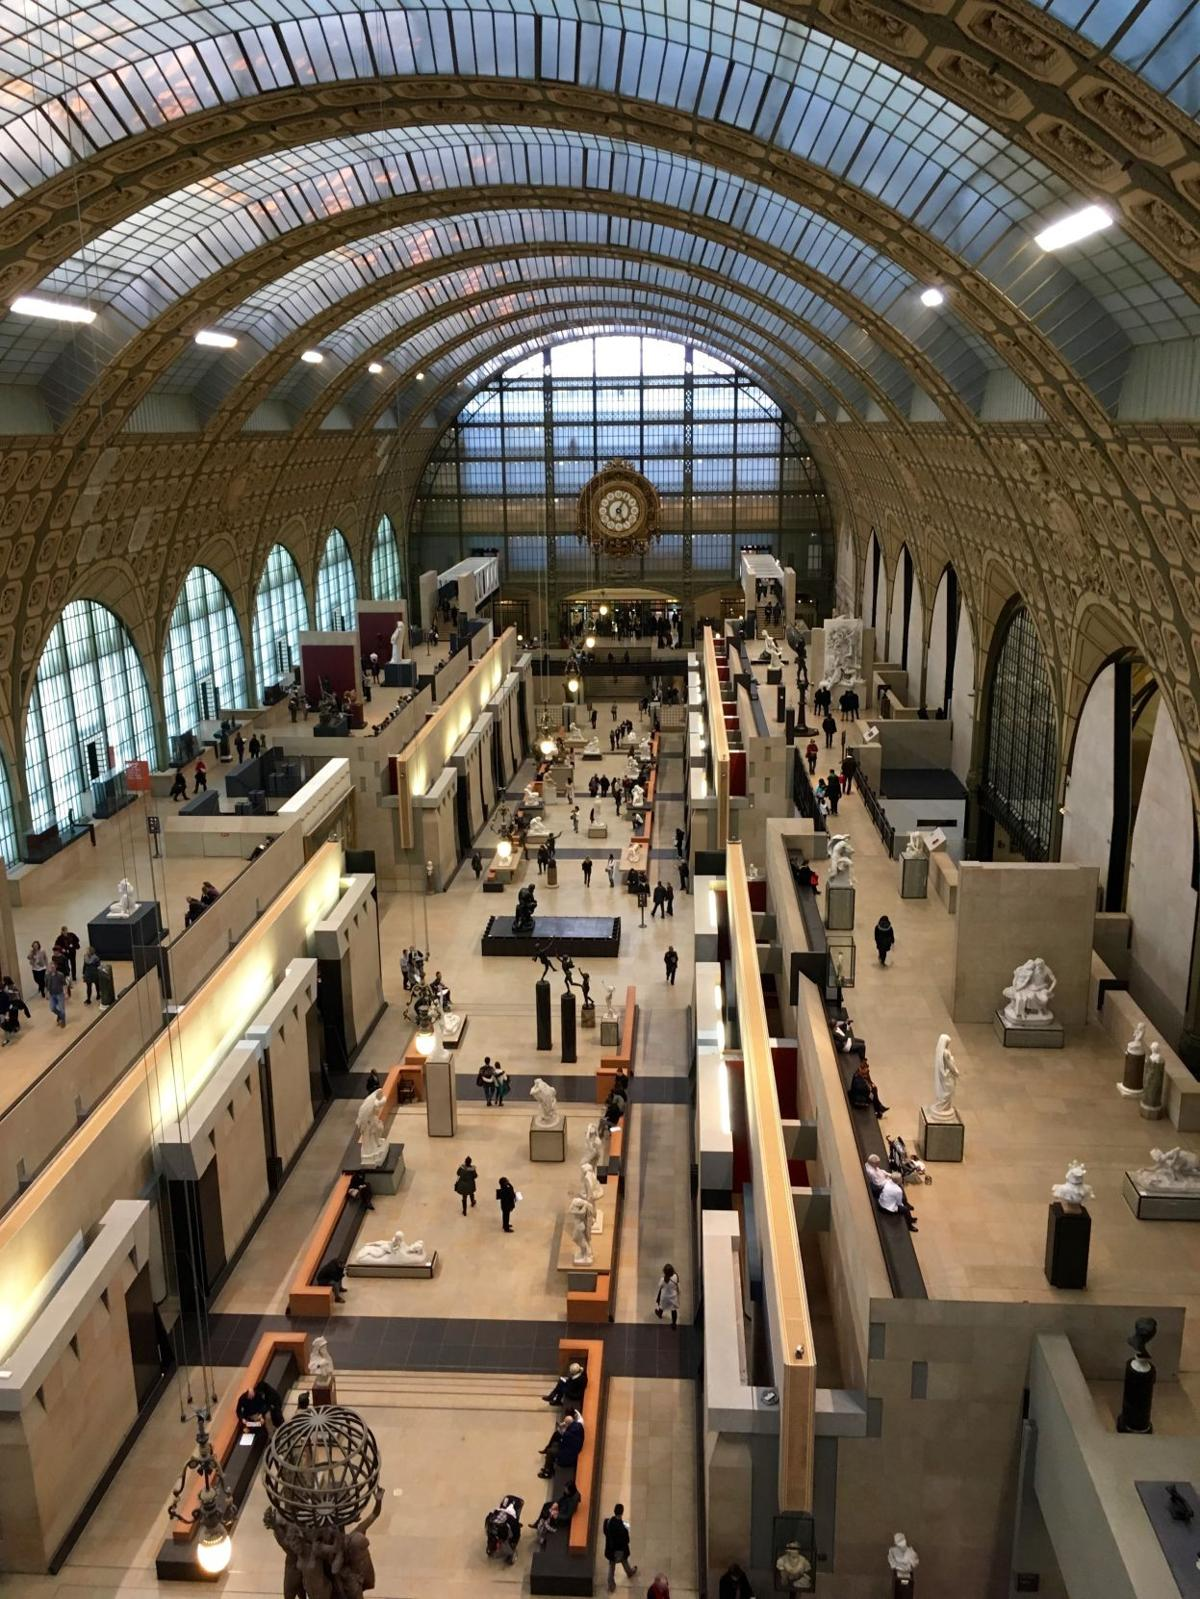 Paris (Musee d'Orsay).jpg